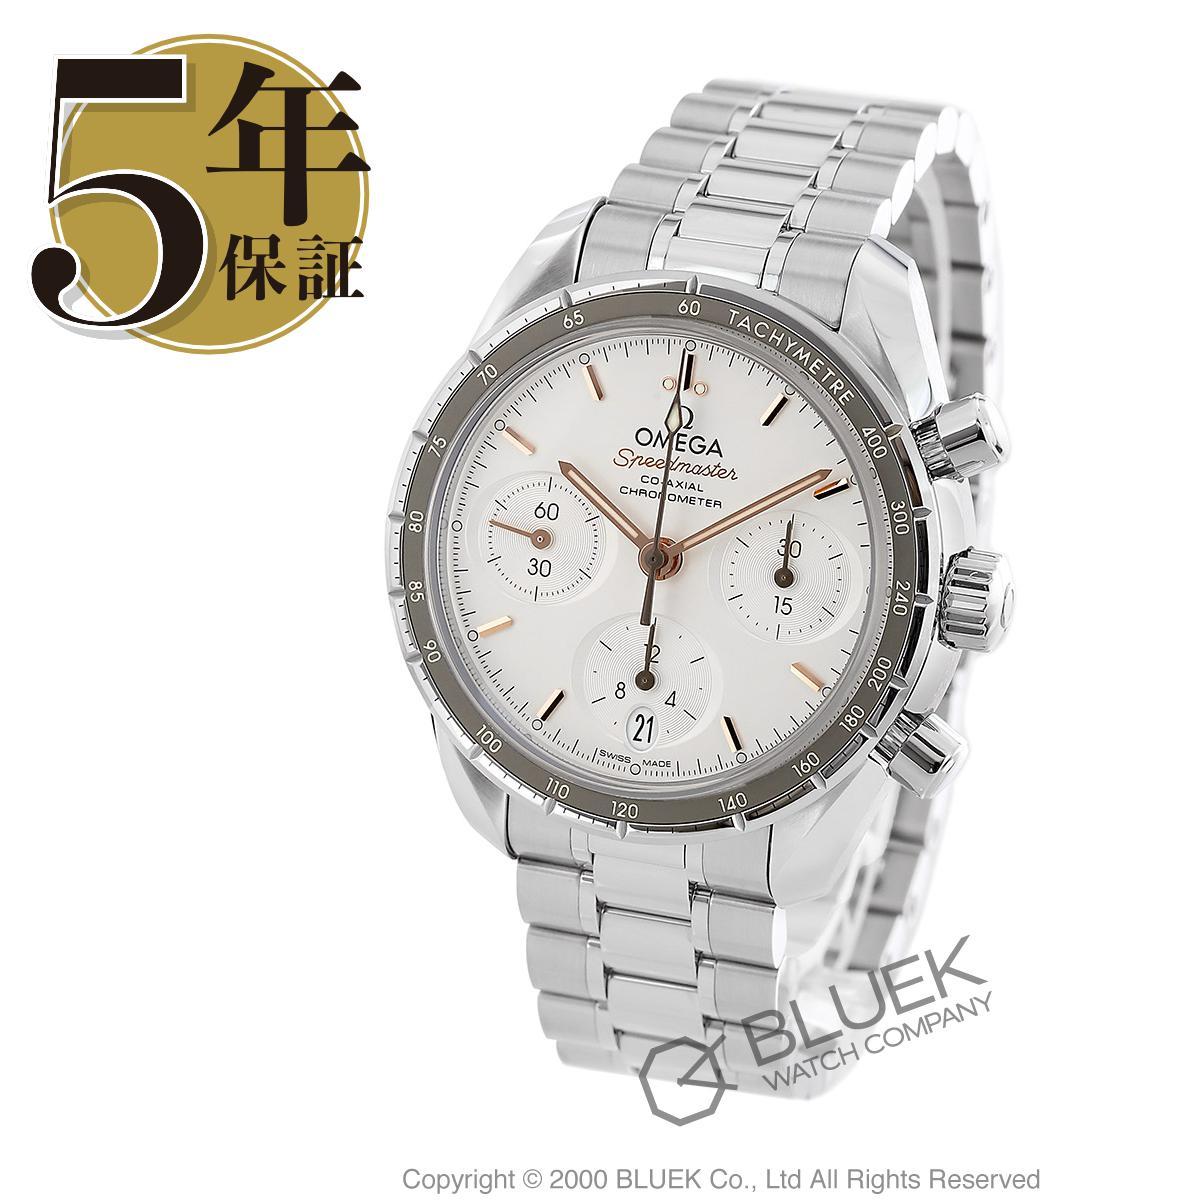 オメガ スピードマスター 38 クロノグラフ 腕時計 ユニセックス OMEGA 324.30.38.50.02.001_5